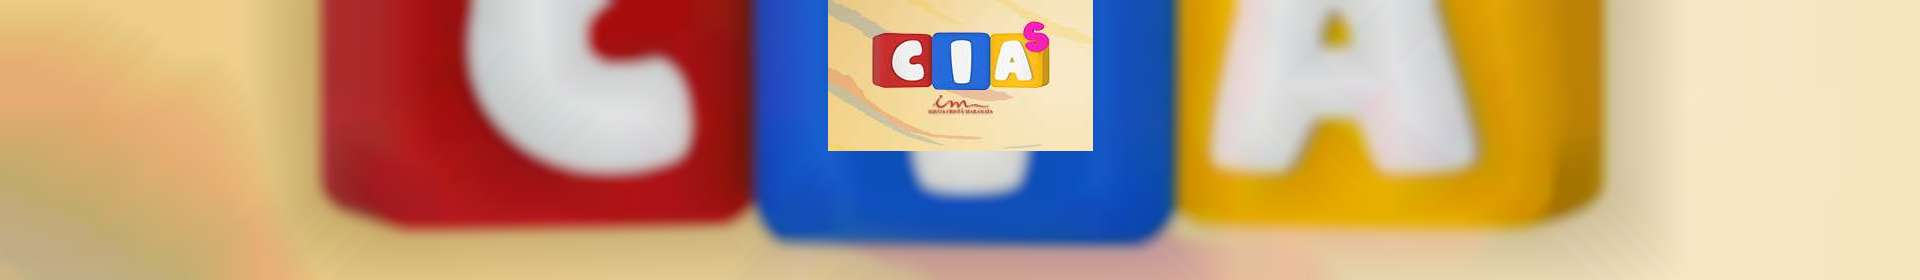 Aula de CIAS: classe de 7 a 11 anos - 02 de abril de 2020